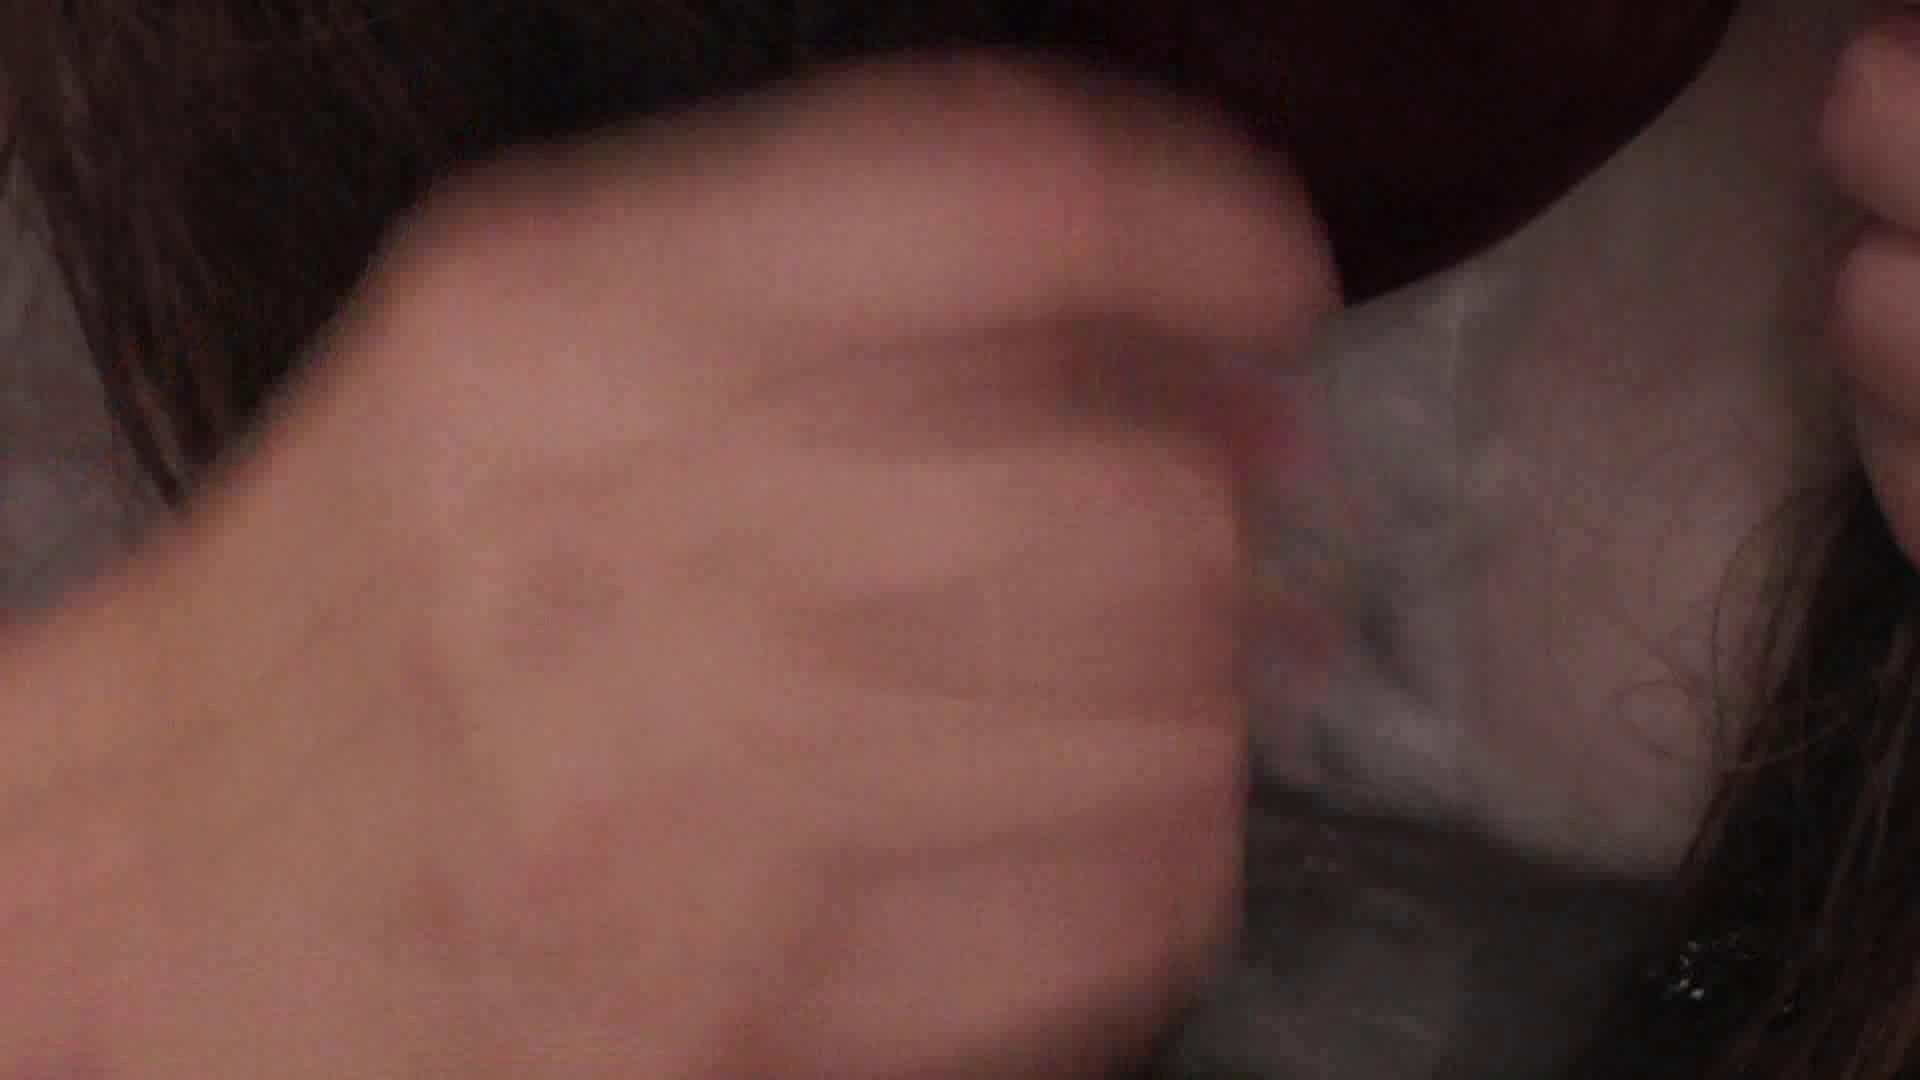 俺推し素人 Bカップ20代人妻現役ナース久美 ナース丸裸 アダルト動画キャプチャ 93pic 90